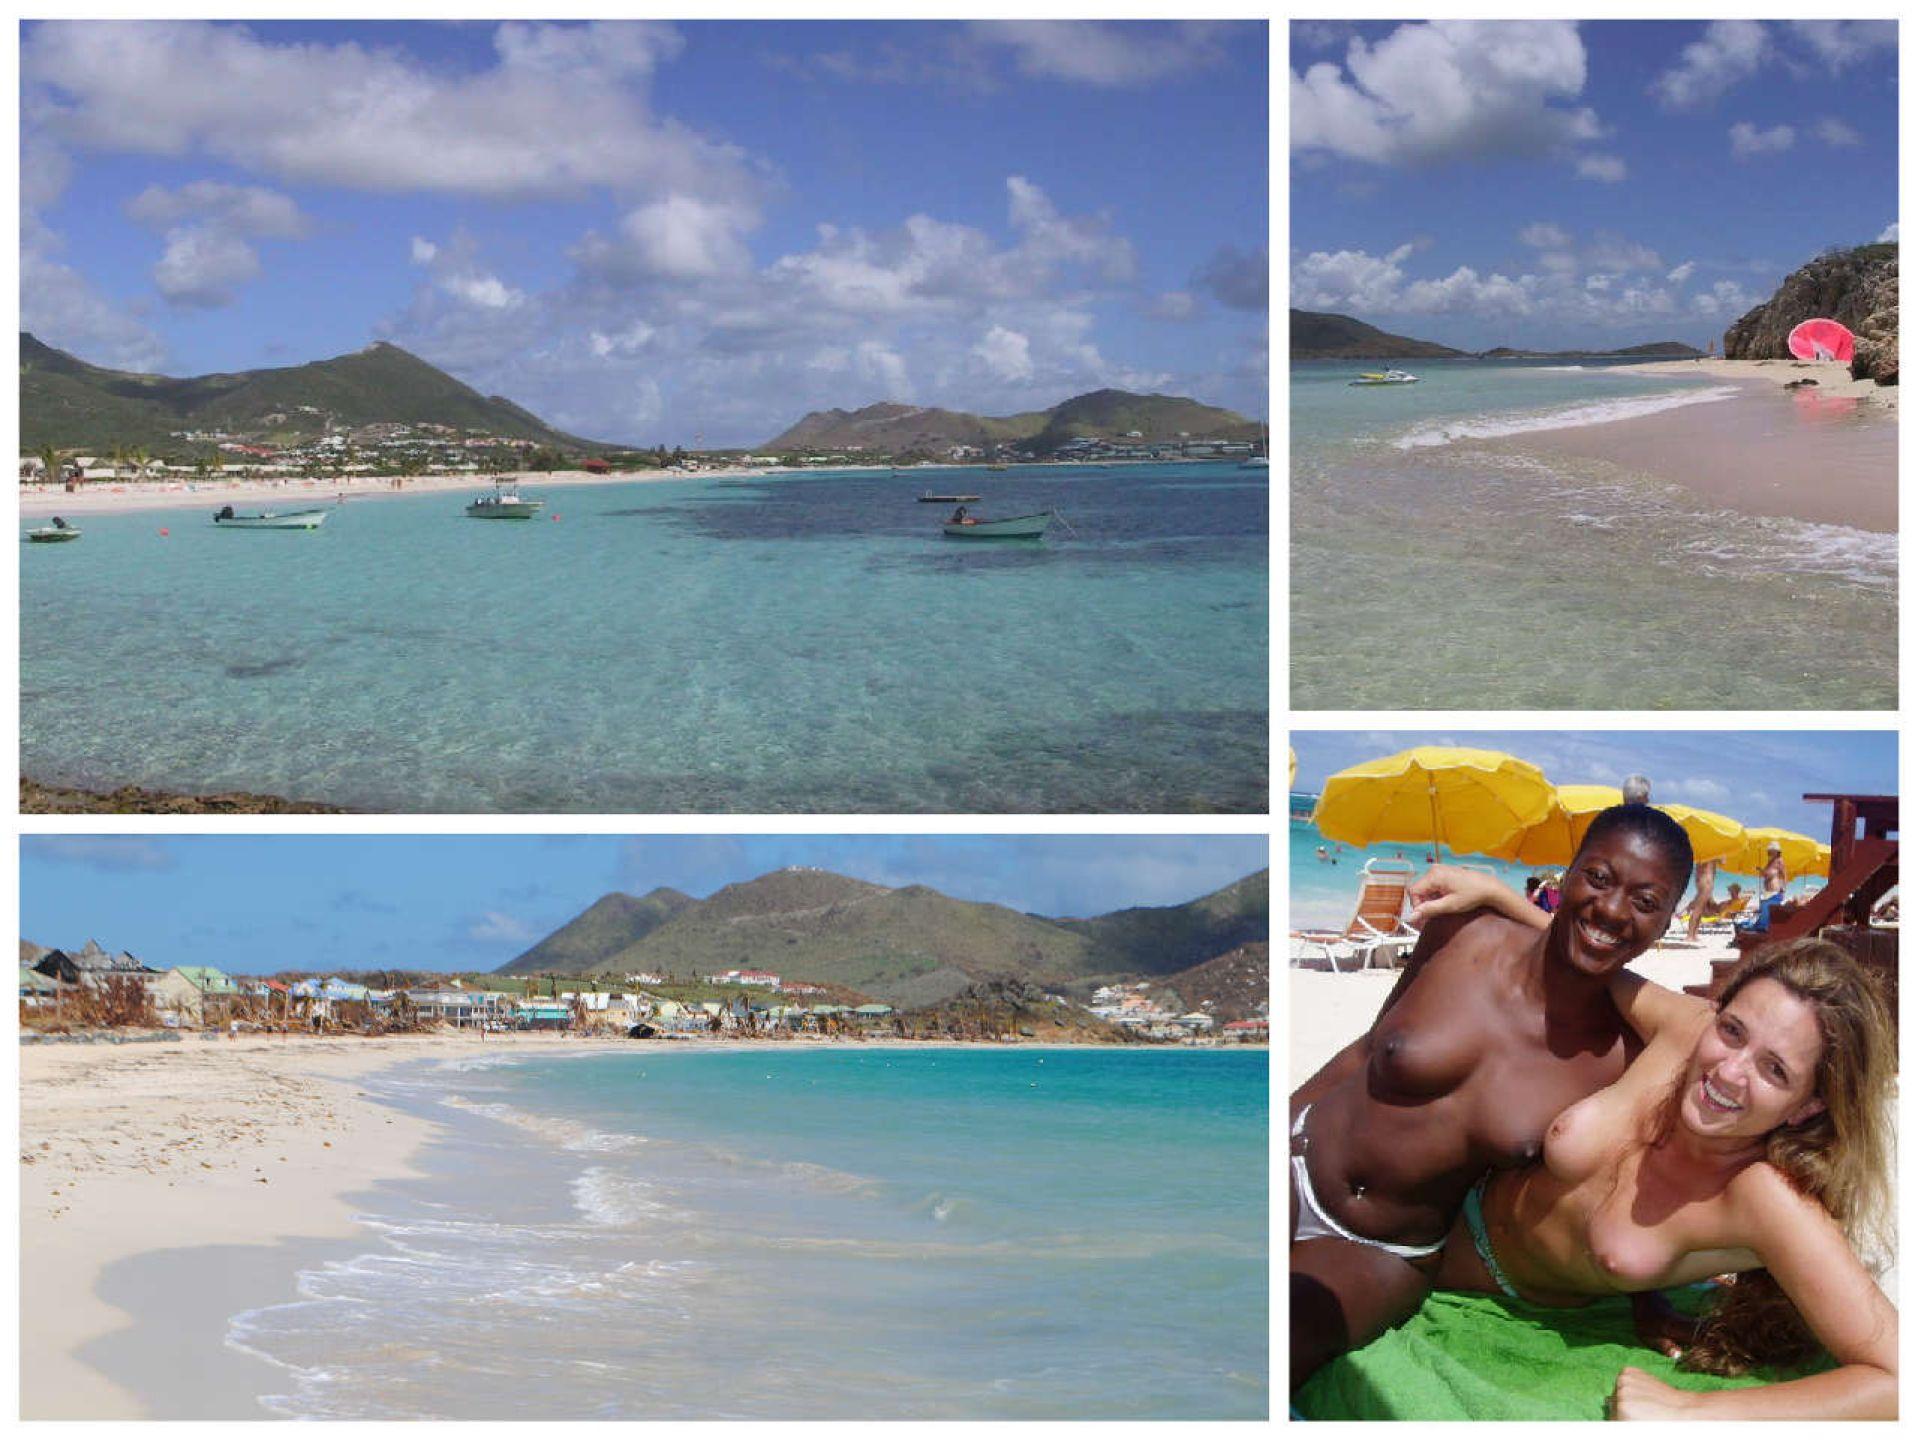 Saint Martin Saint Barth Caribbean Gay Nude Catamaran Cruise